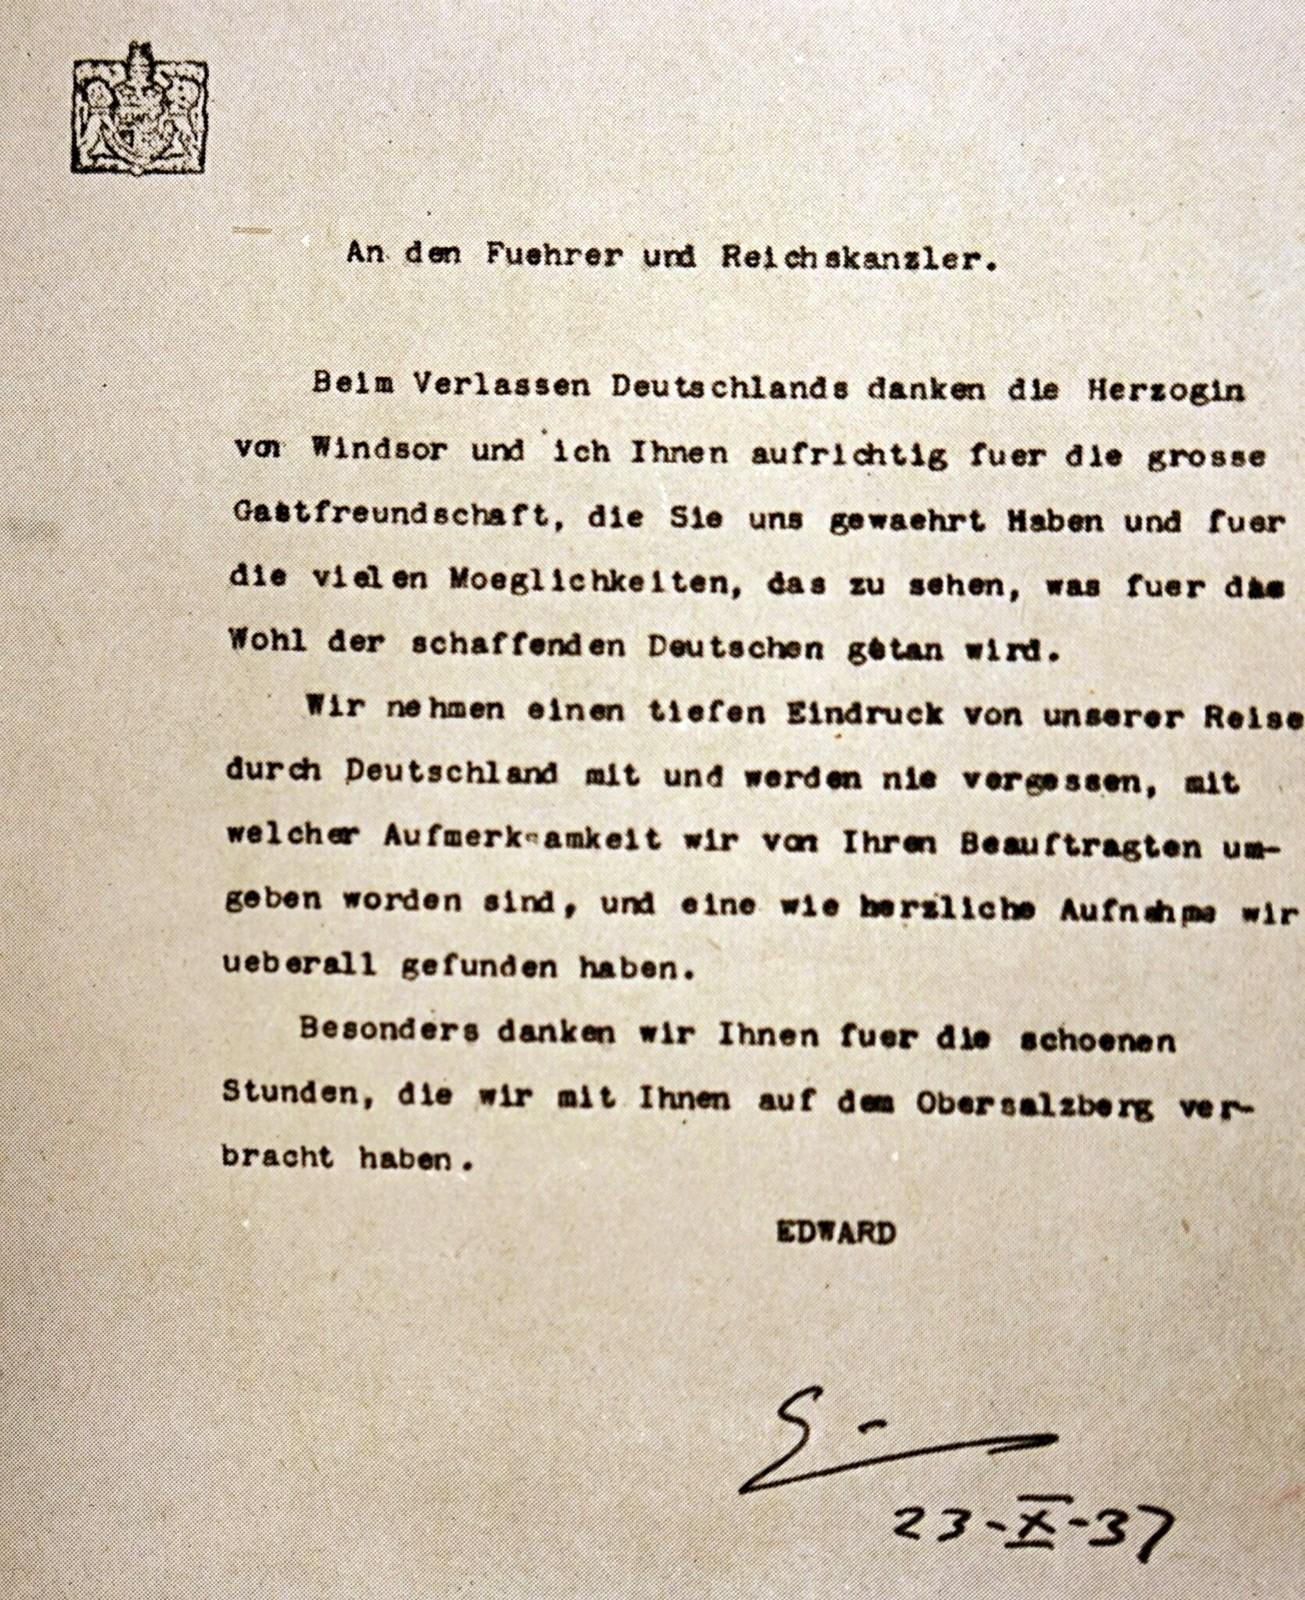 Благодарственное письмо герцога Виндзорского за гостеприимство, проявленное Адольфом Гитлером.